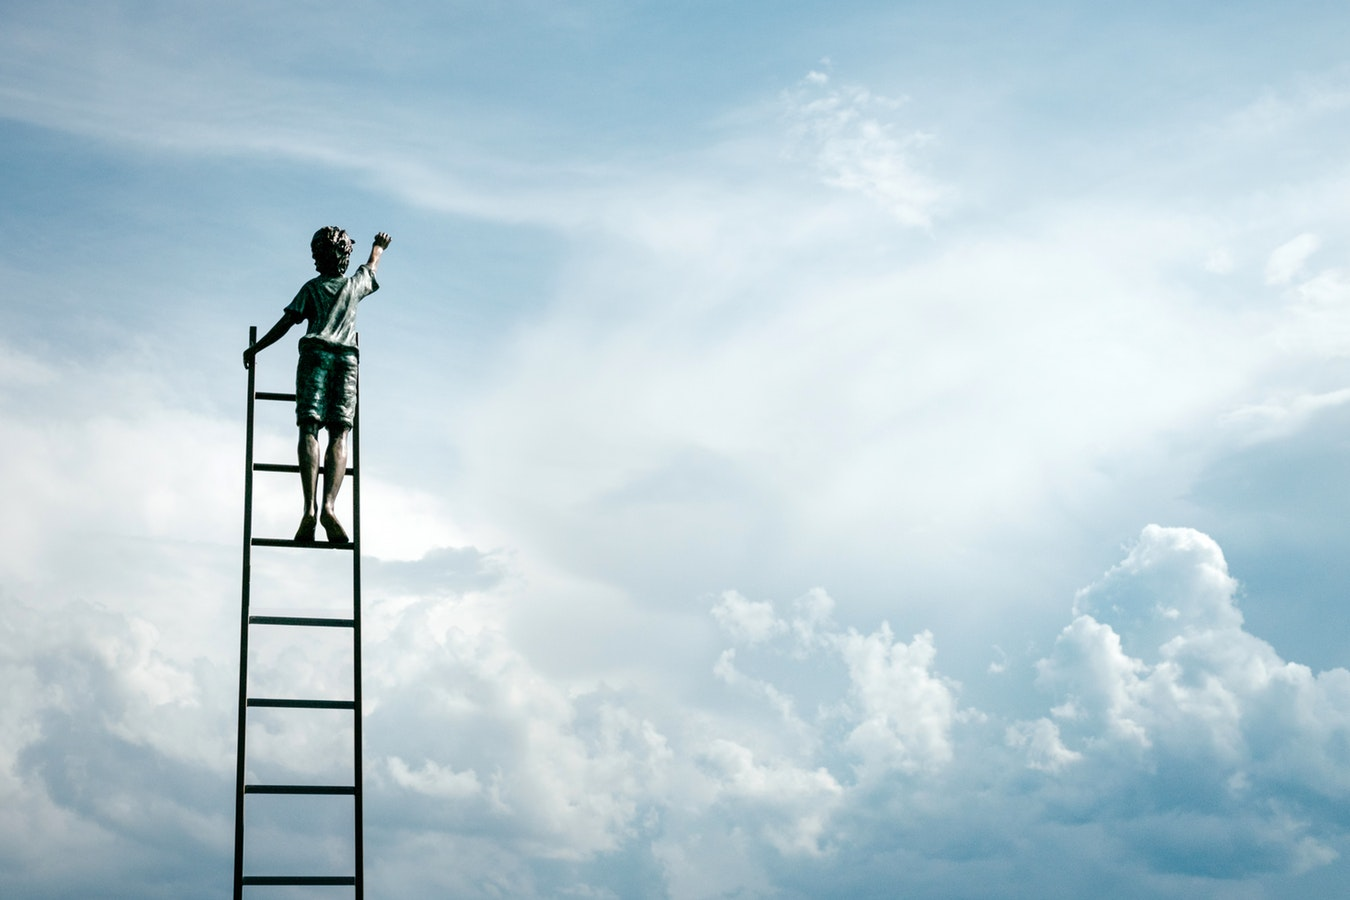 Skalierbarkeit - Erweitern Sie erfolgreich Ihr Unternehmen